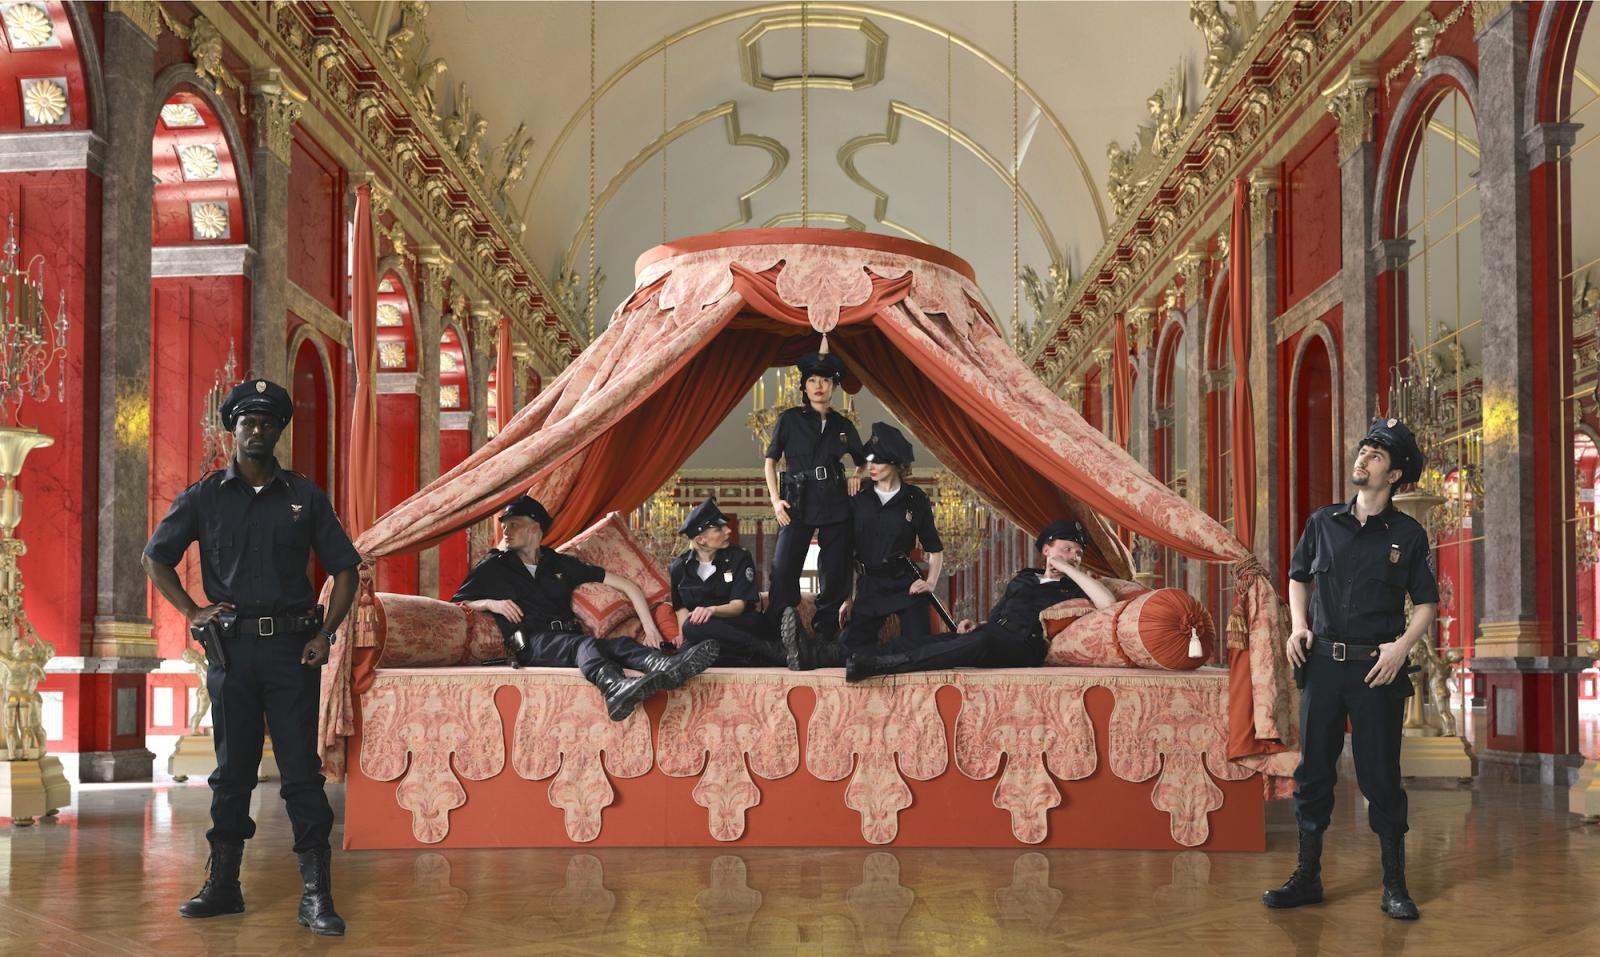 """AES+F /Inverso Mundus/(still) Courtesy Knoll Galerie Wien  """"Während Herr Schulze liest, fährt der Balkanzug über die Brücke bei  Nisch, ein Schwein jammert im Keller des Schlächters Nuttke."""" curated by  Adrian Christopher Notz,Knoll Galerie Wien"""